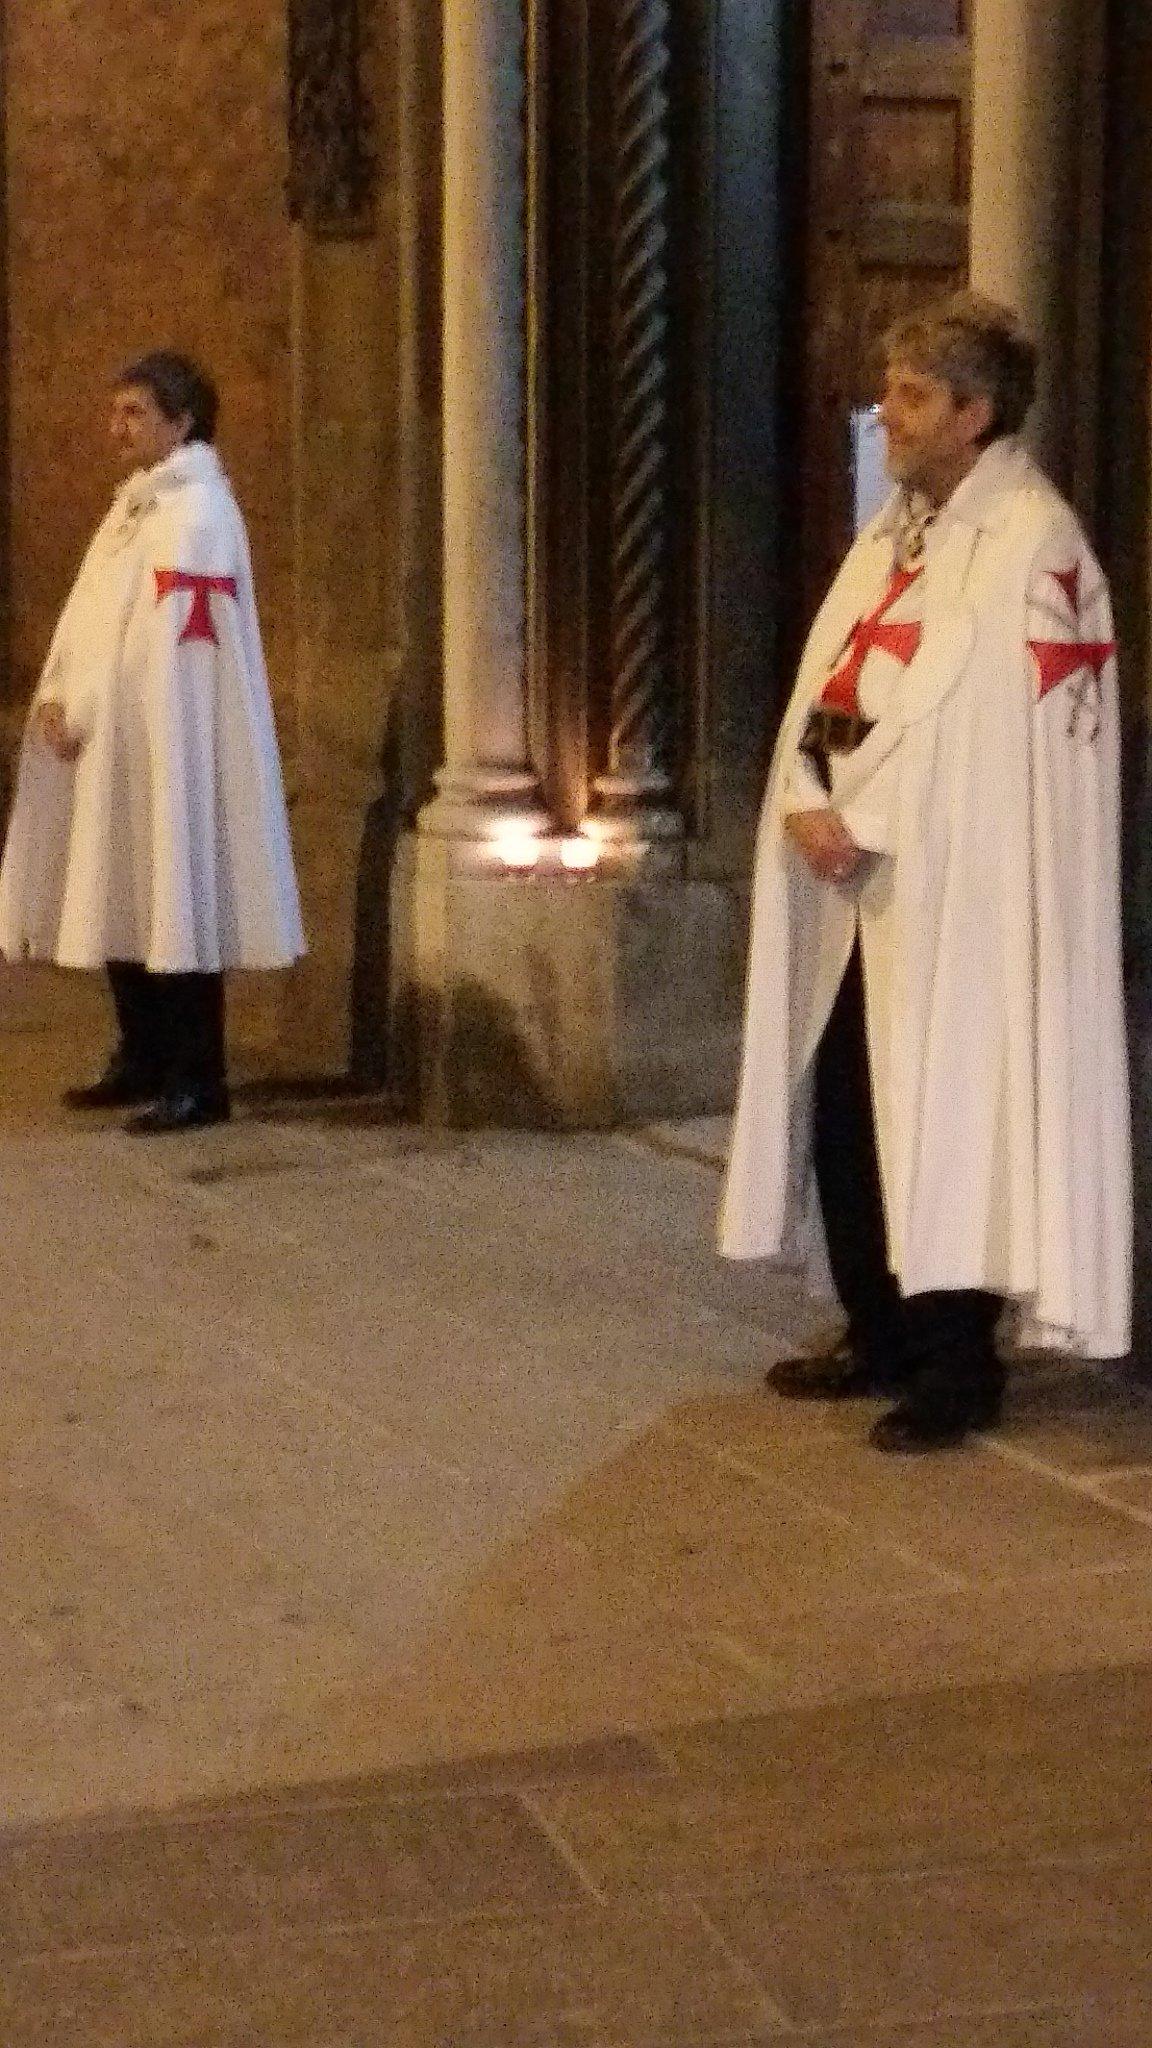 Chiesa di San Donnino - Piacenza - Templari Cattolici foto3